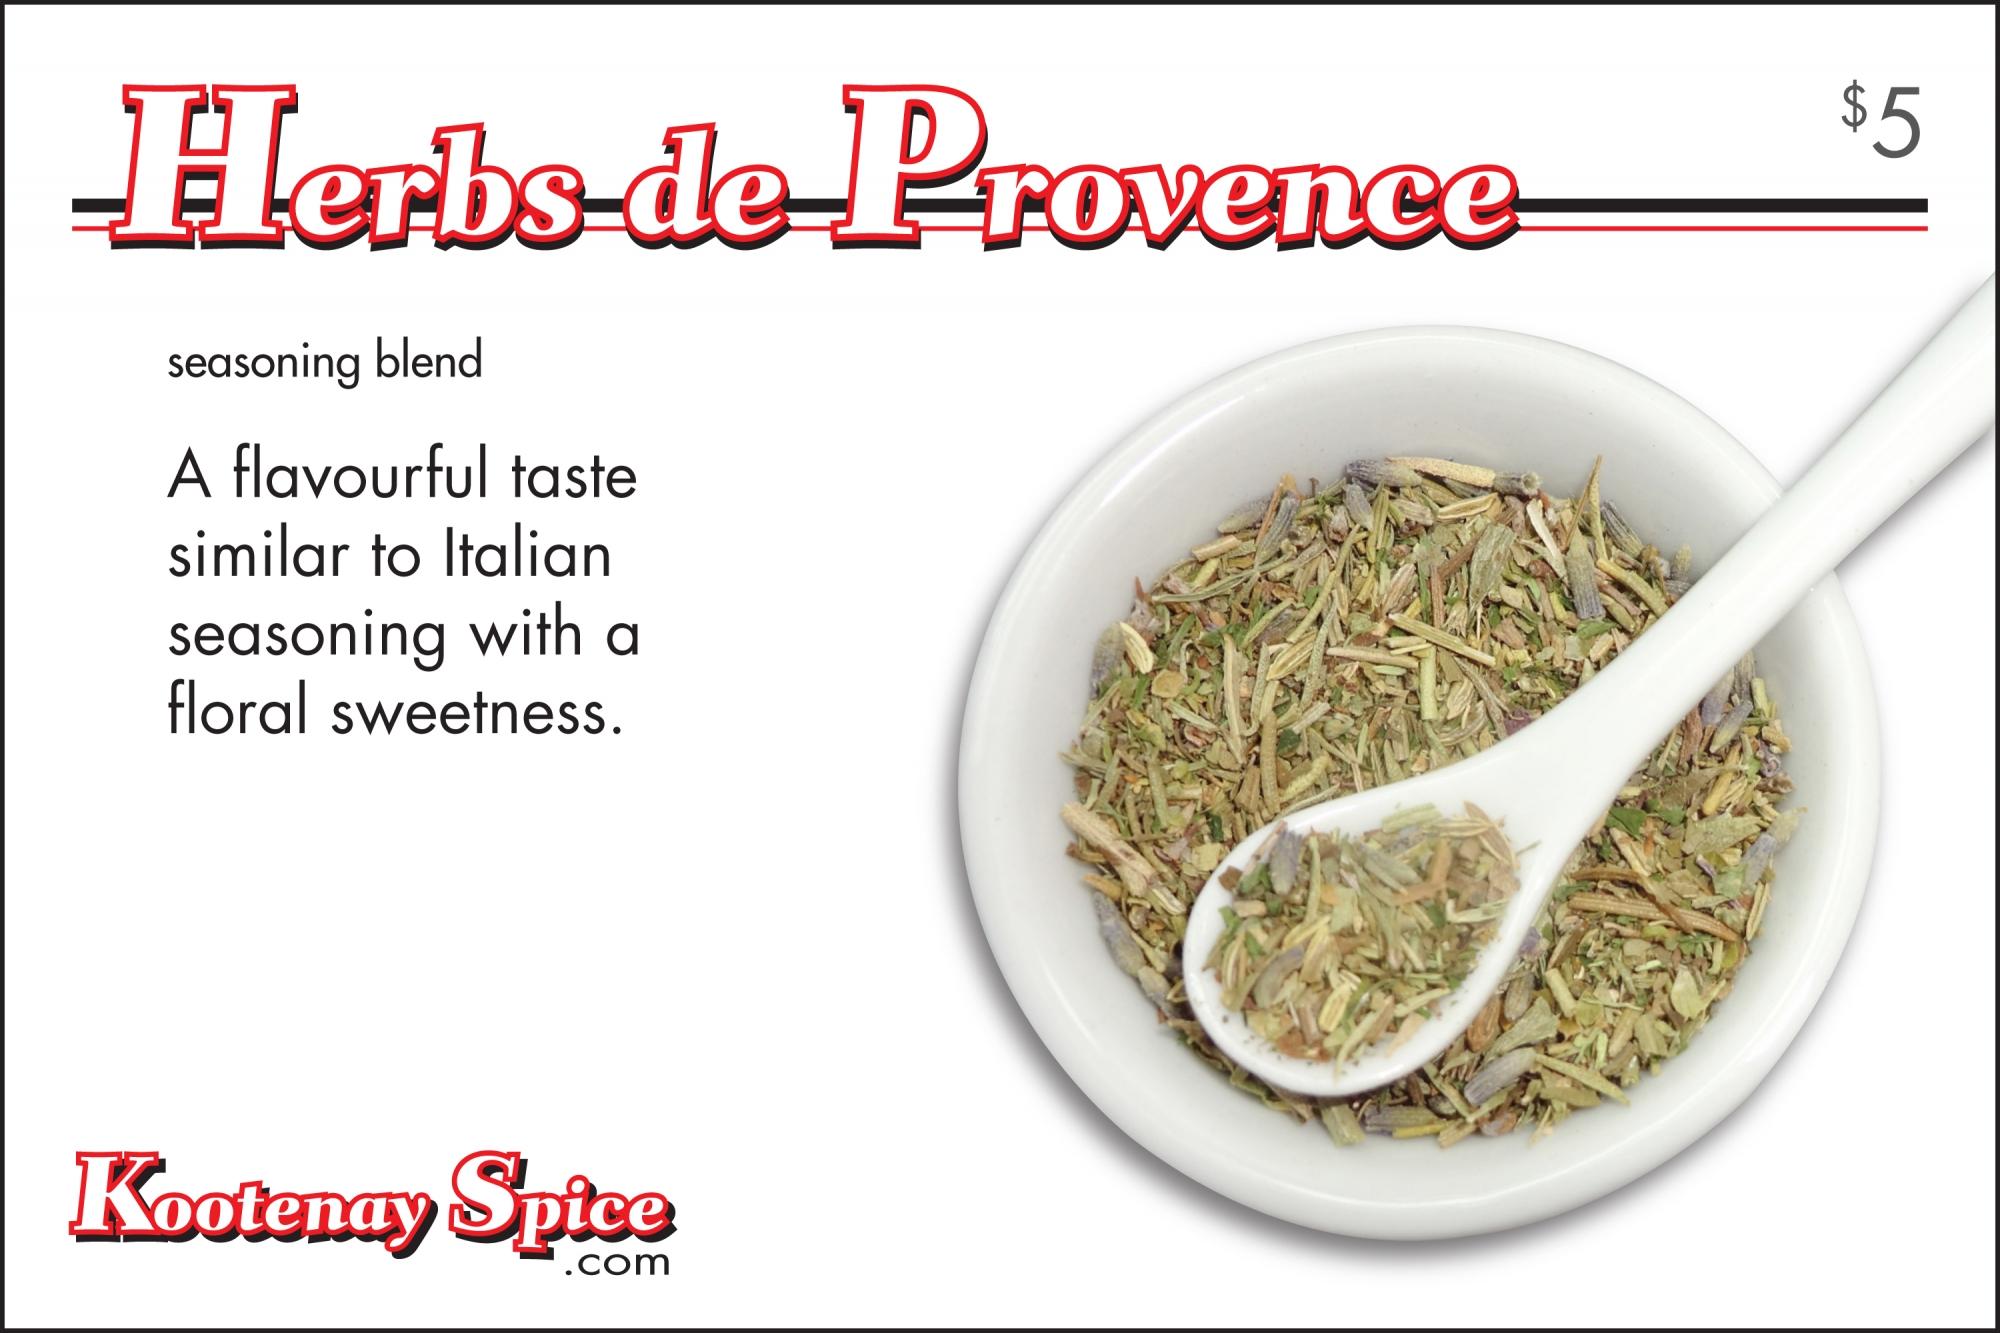 Kootenay Spice Herbs de Provence